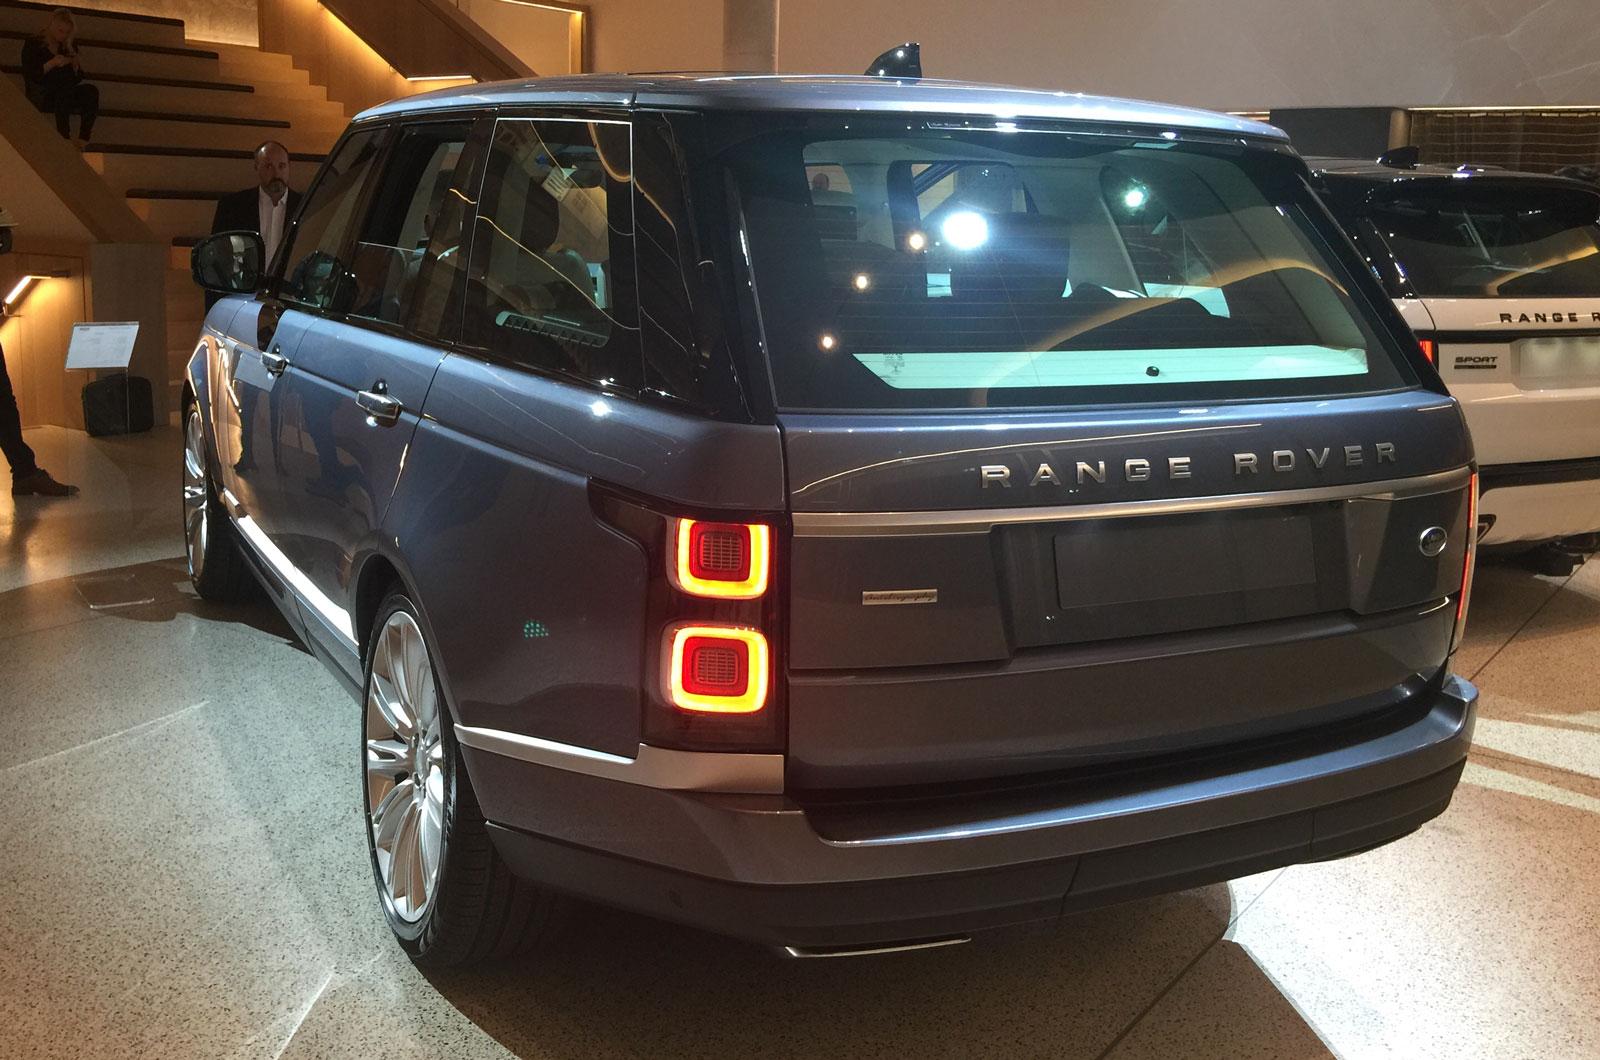 Range Rover Facelift Brings All New P400e Plug In Hybrid Variant